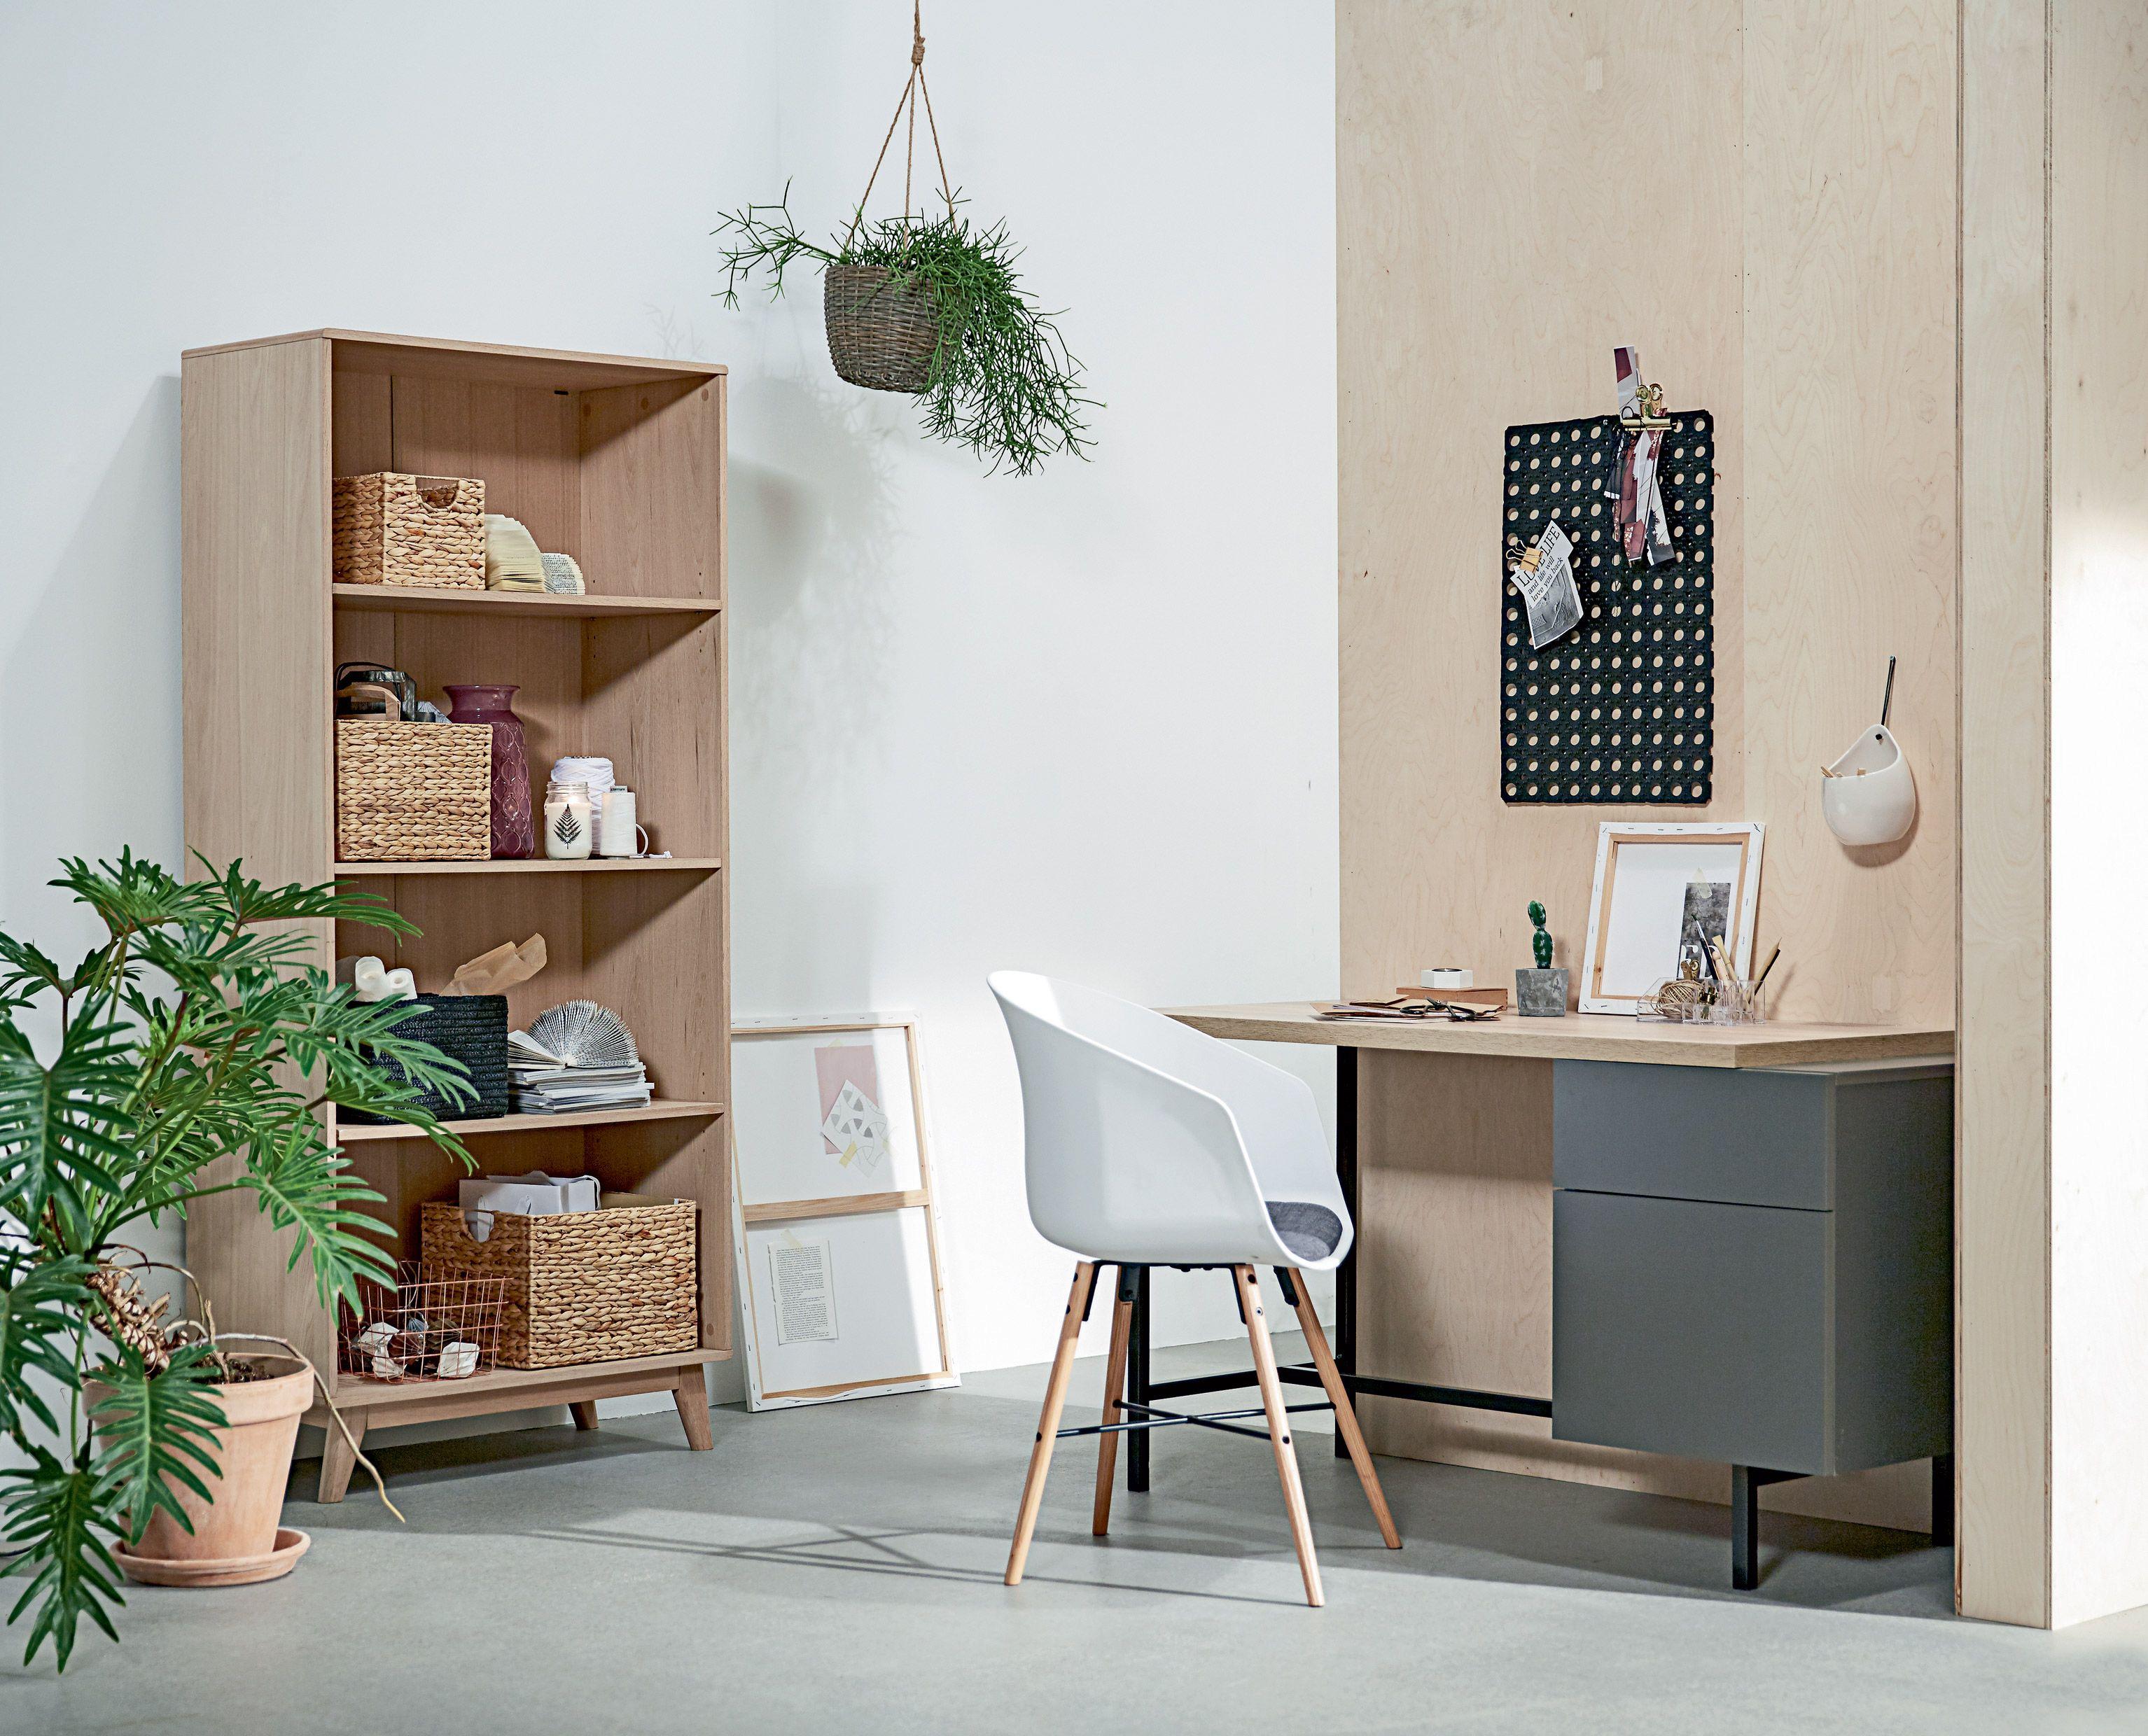 aggersborg skrivebord hvidpil drmatte vilhem kreative lsninger detaljer casual contrast hjem nordisk designu2026